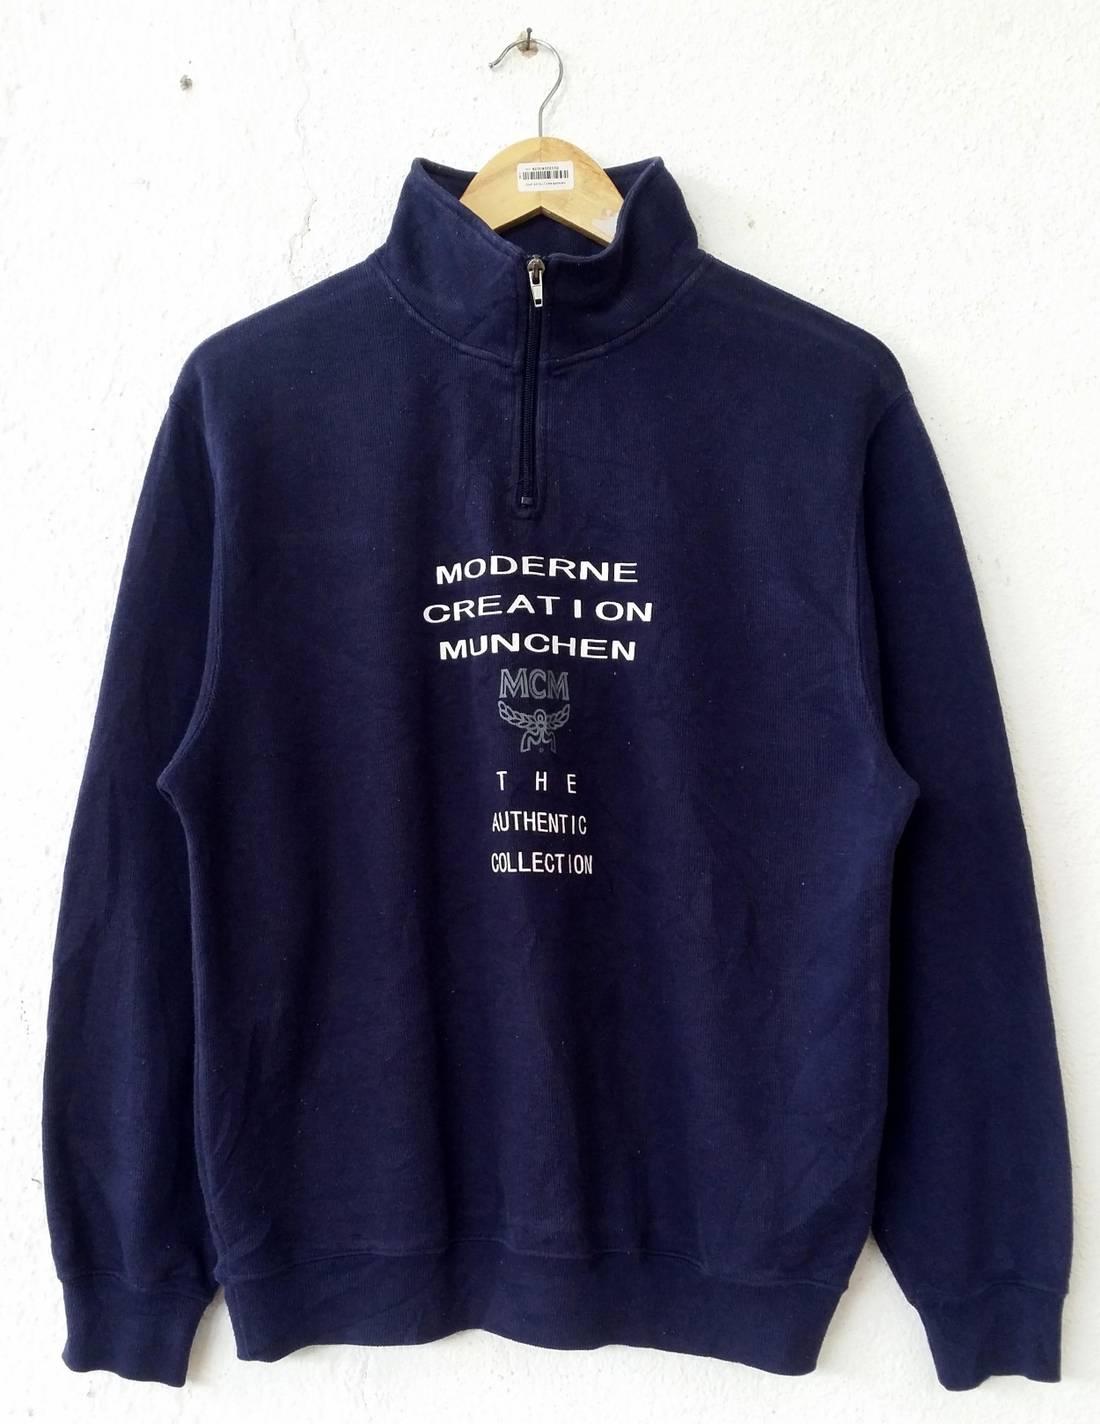 Faszinierend Moderne Pullover Referenz Von Mcm Mcm Modern Creation Munchen Vintage Spell